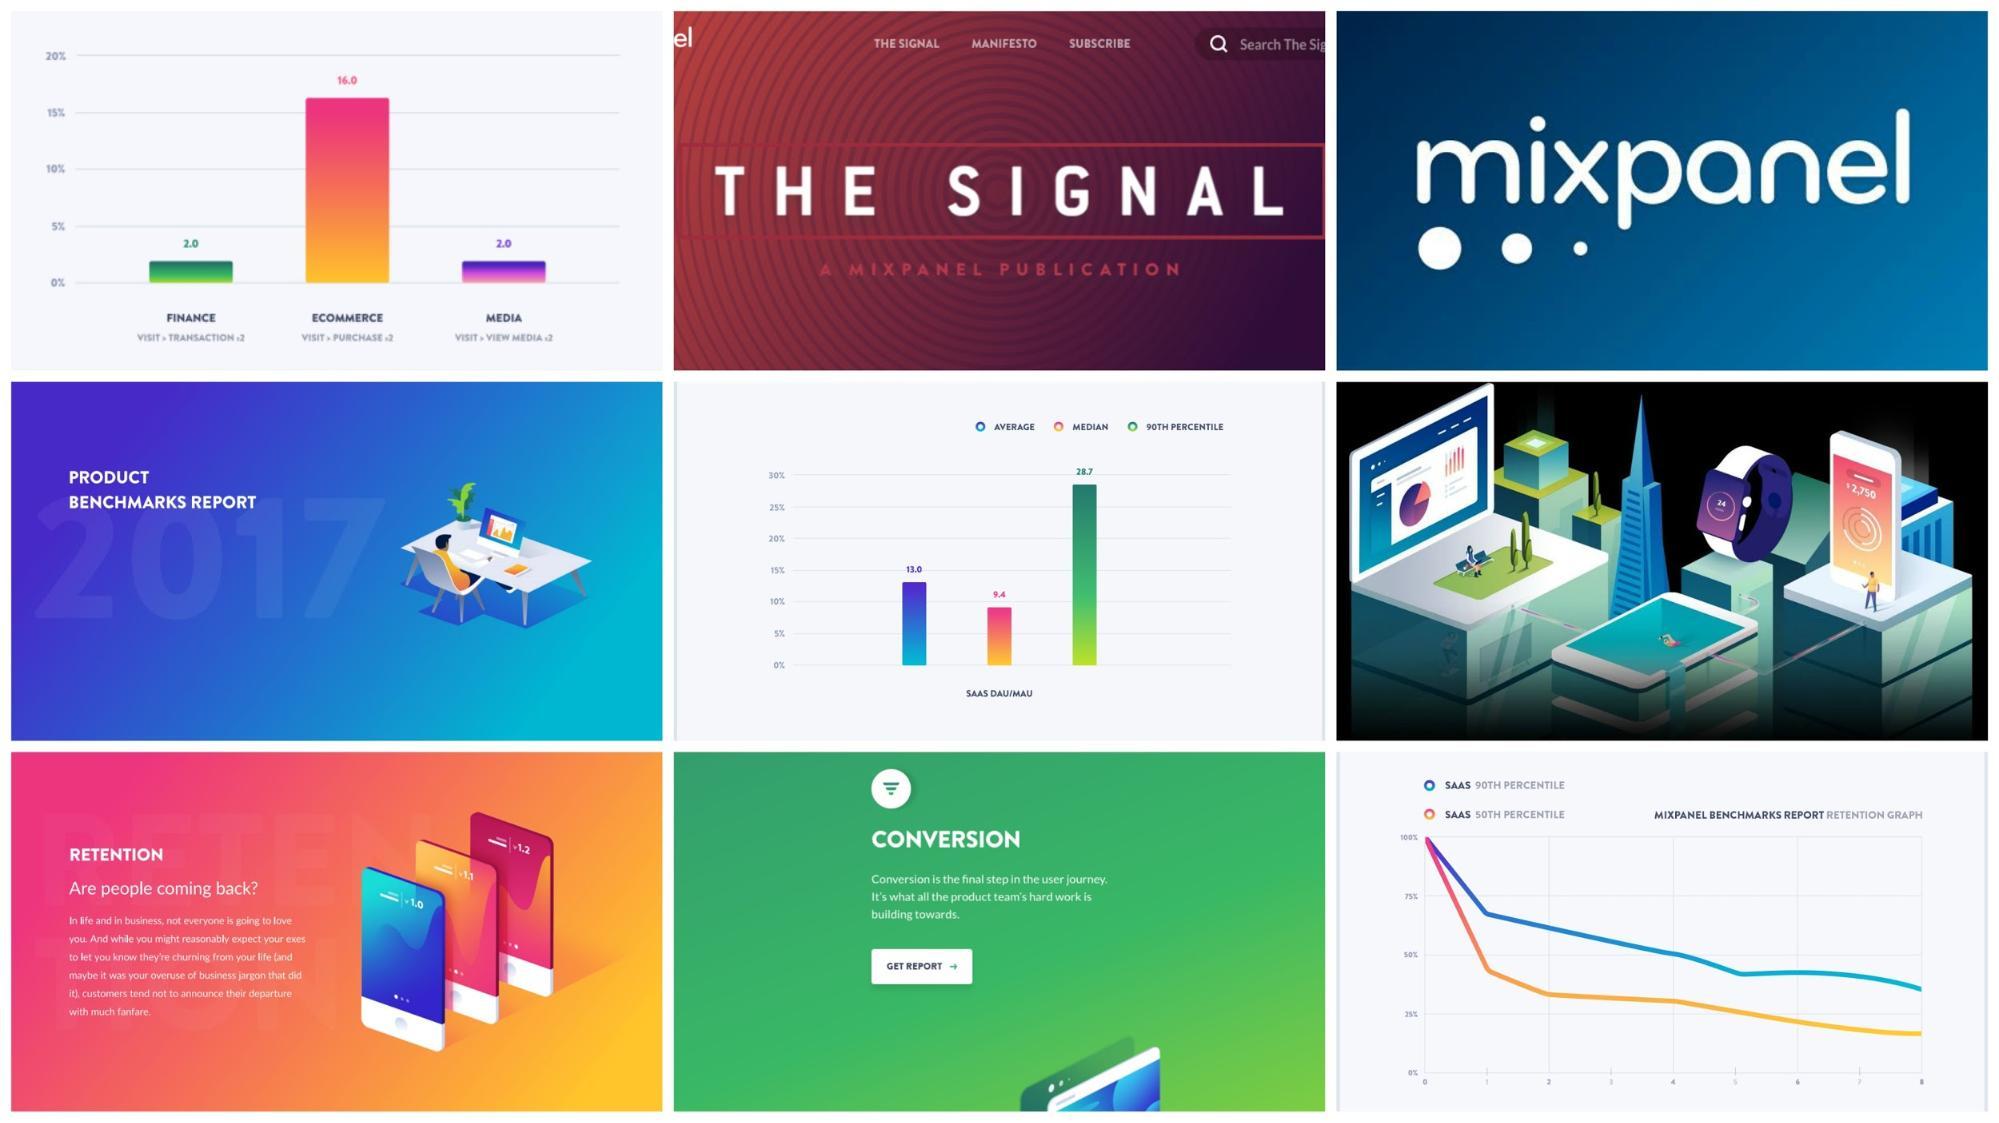 Design Trends Premium: The 8 Biggest Graphic Design Trends That Will Dominate